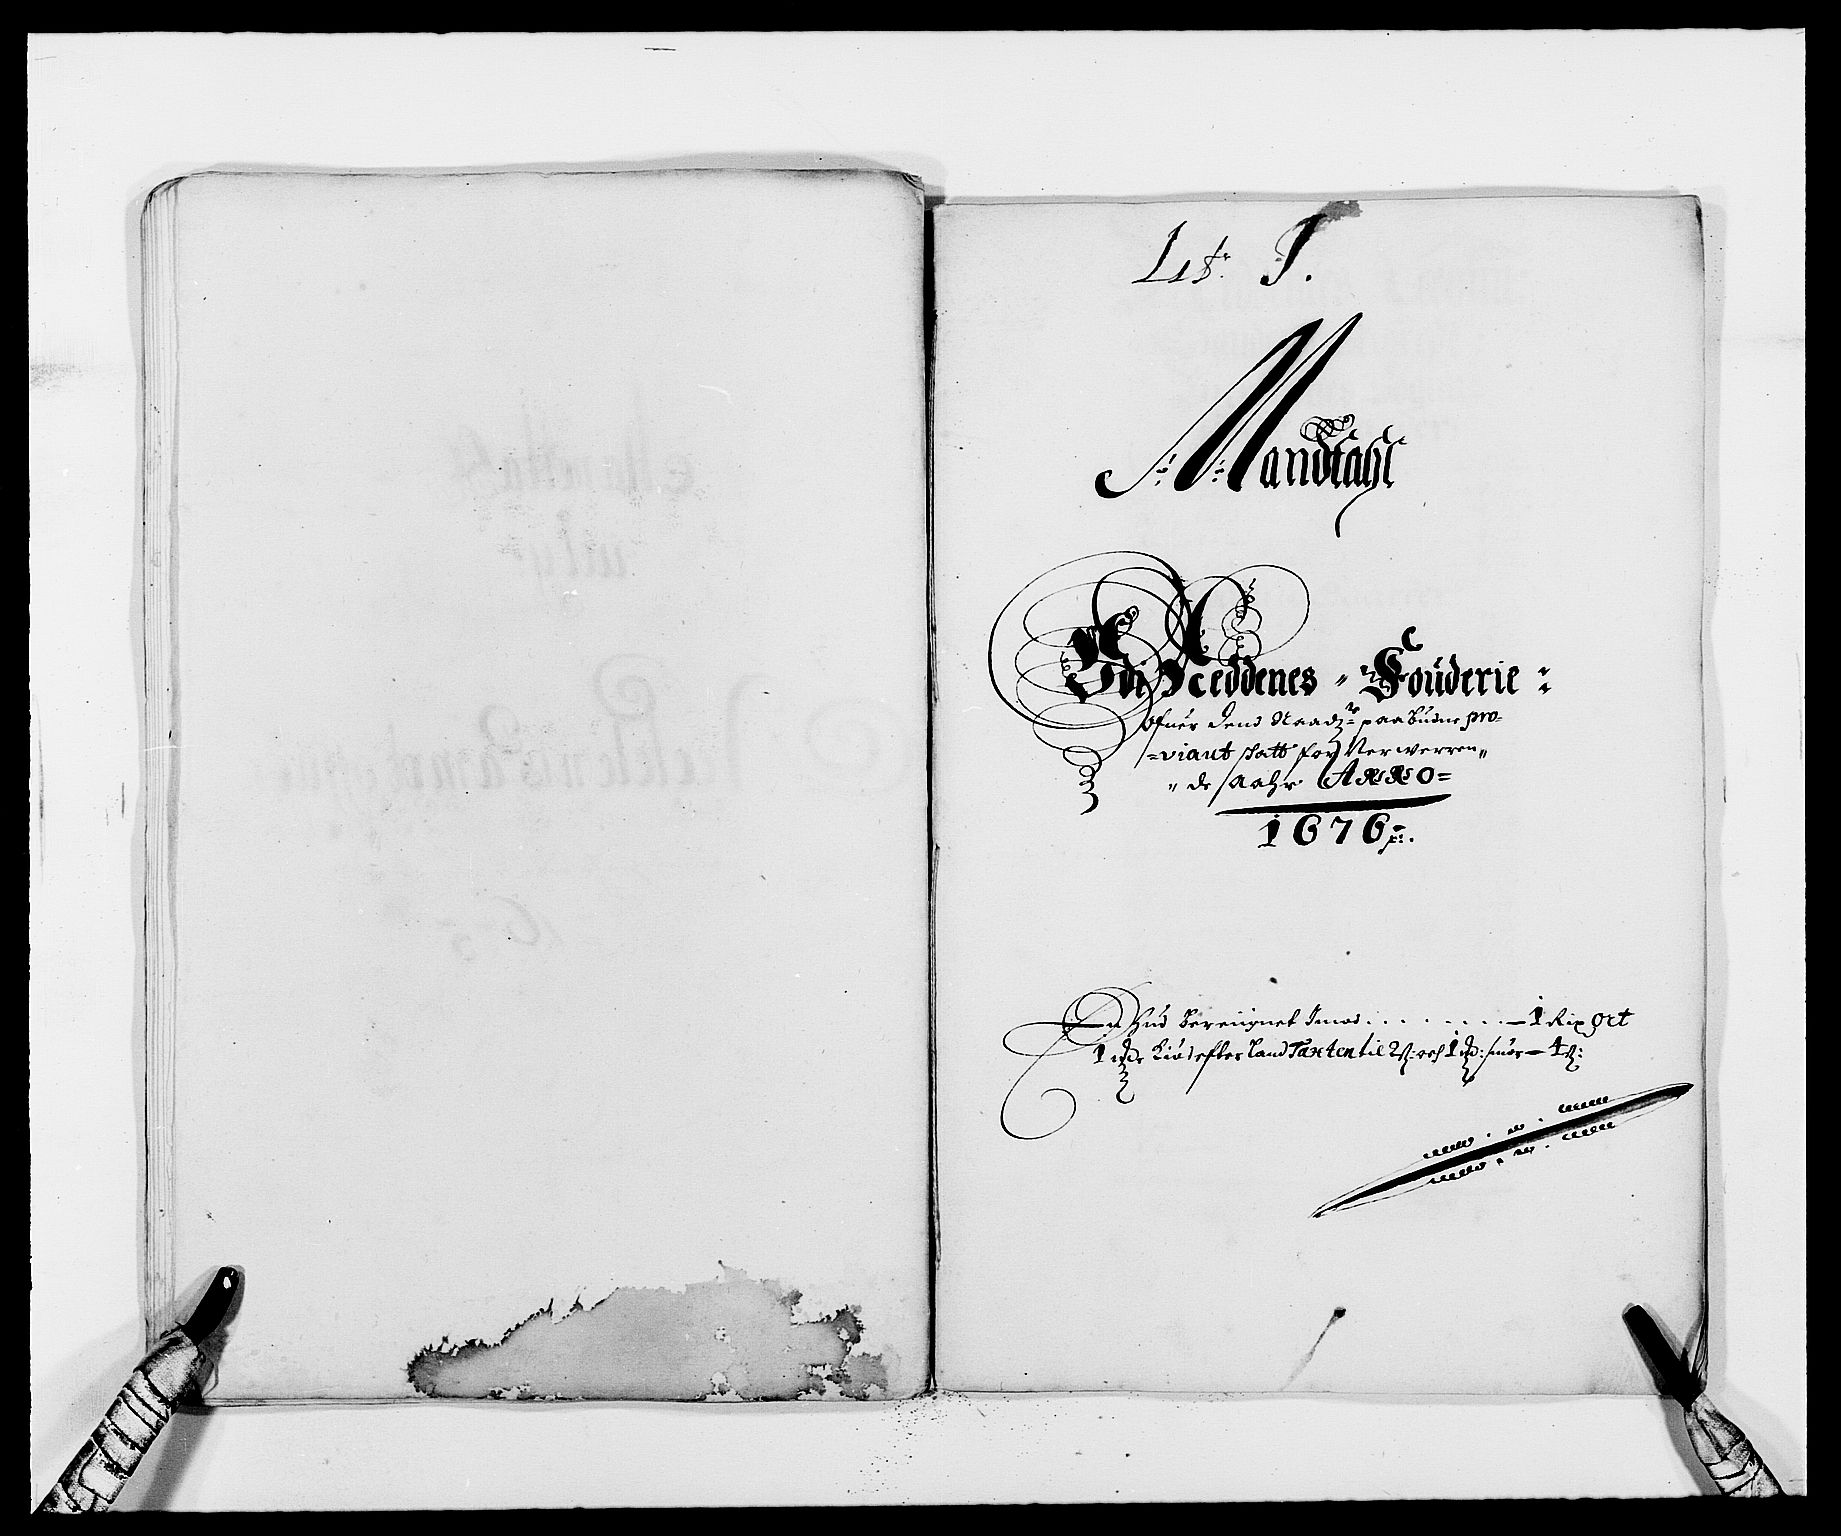 RA, Rentekammeret inntil 1814, Reviderte regnskaper, Fogderegnskap, R39/L2301: Fogderegnskap Nedenes, 1675-1676, s. 322